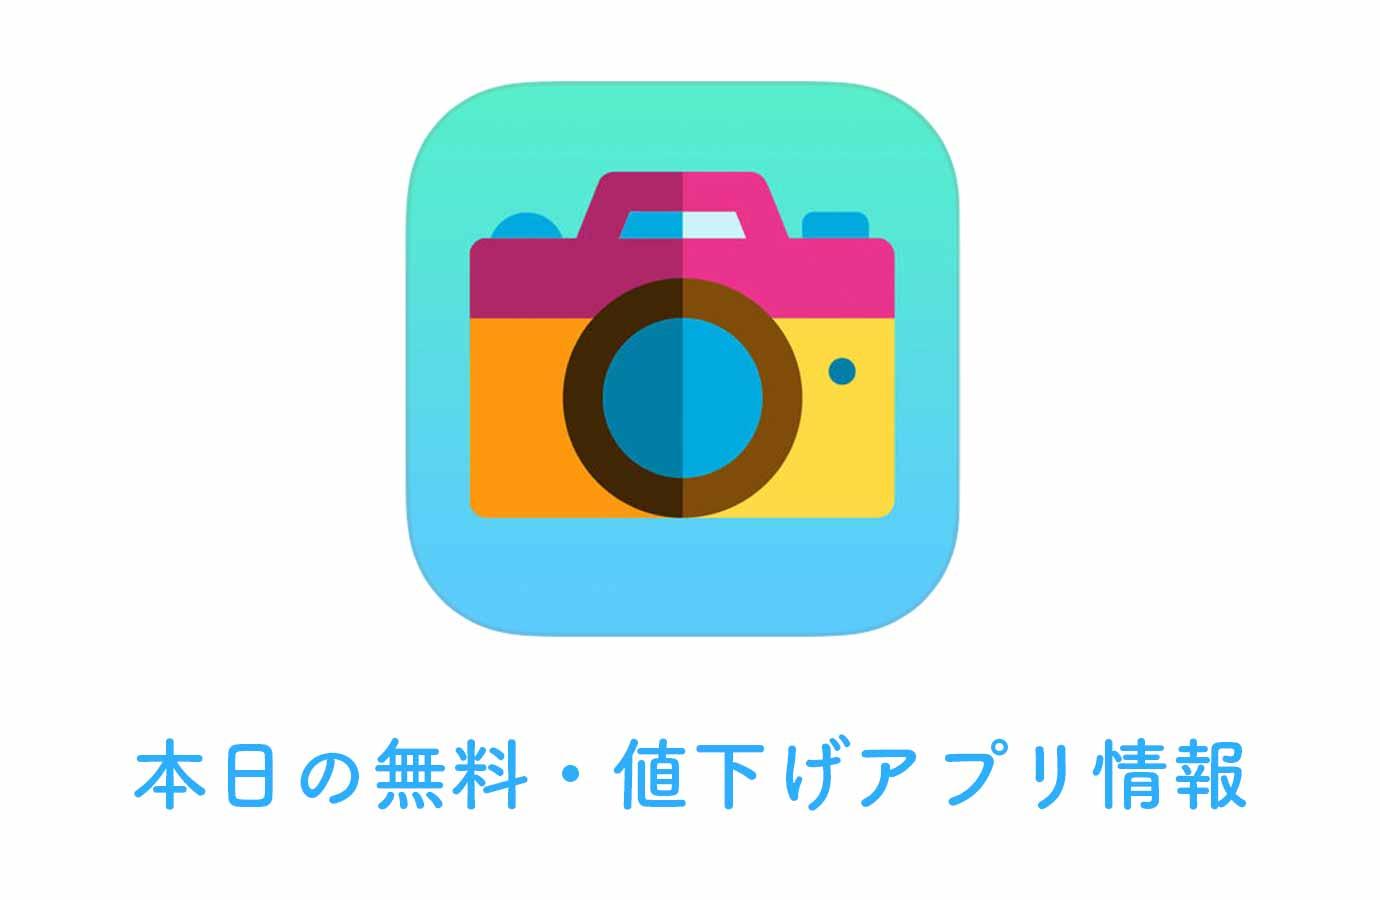 240円→無料、アニメ風フィルターをリアルタイムにかけられるカメラアプリ「ToonCamera」など【4/30】本日の無料・値下げアプリ情報